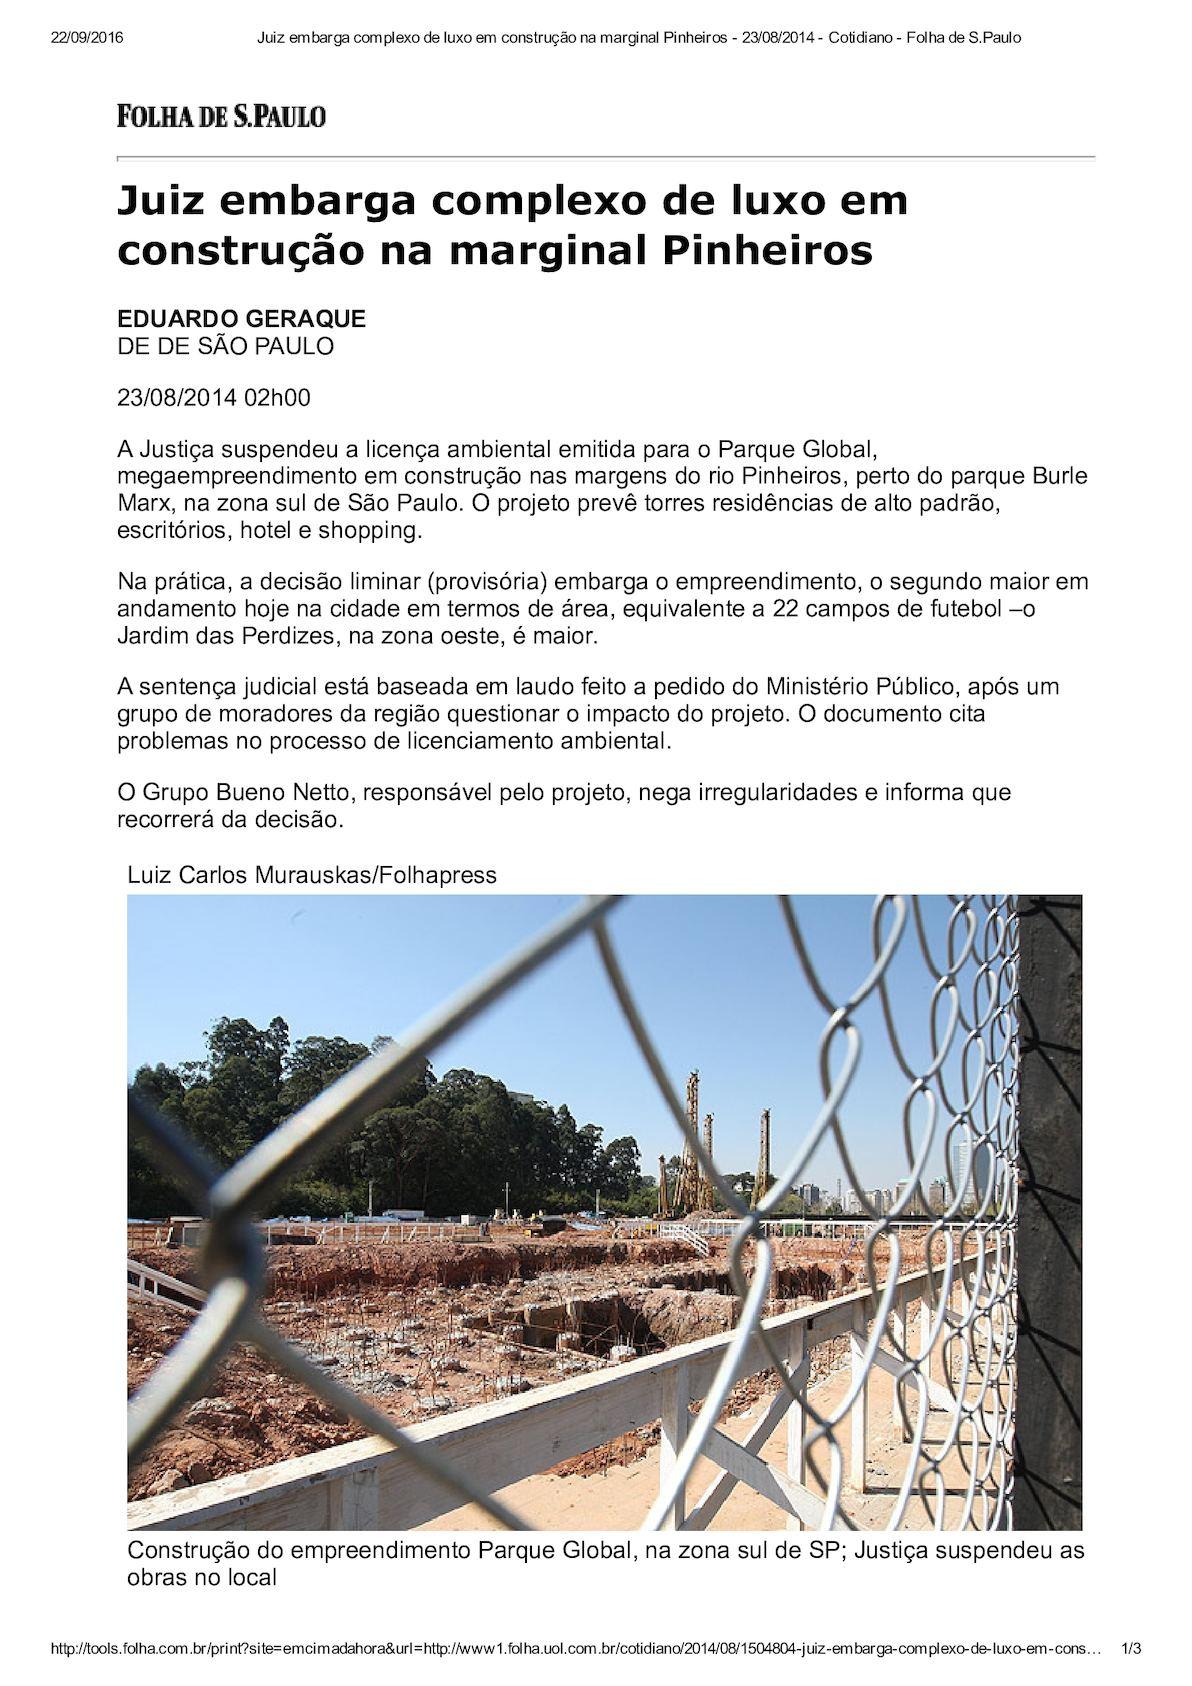 Doc. 14 BUENO NETTO é Parte Passiva No Maior Embargo Ambiental Judicial Do Brasil